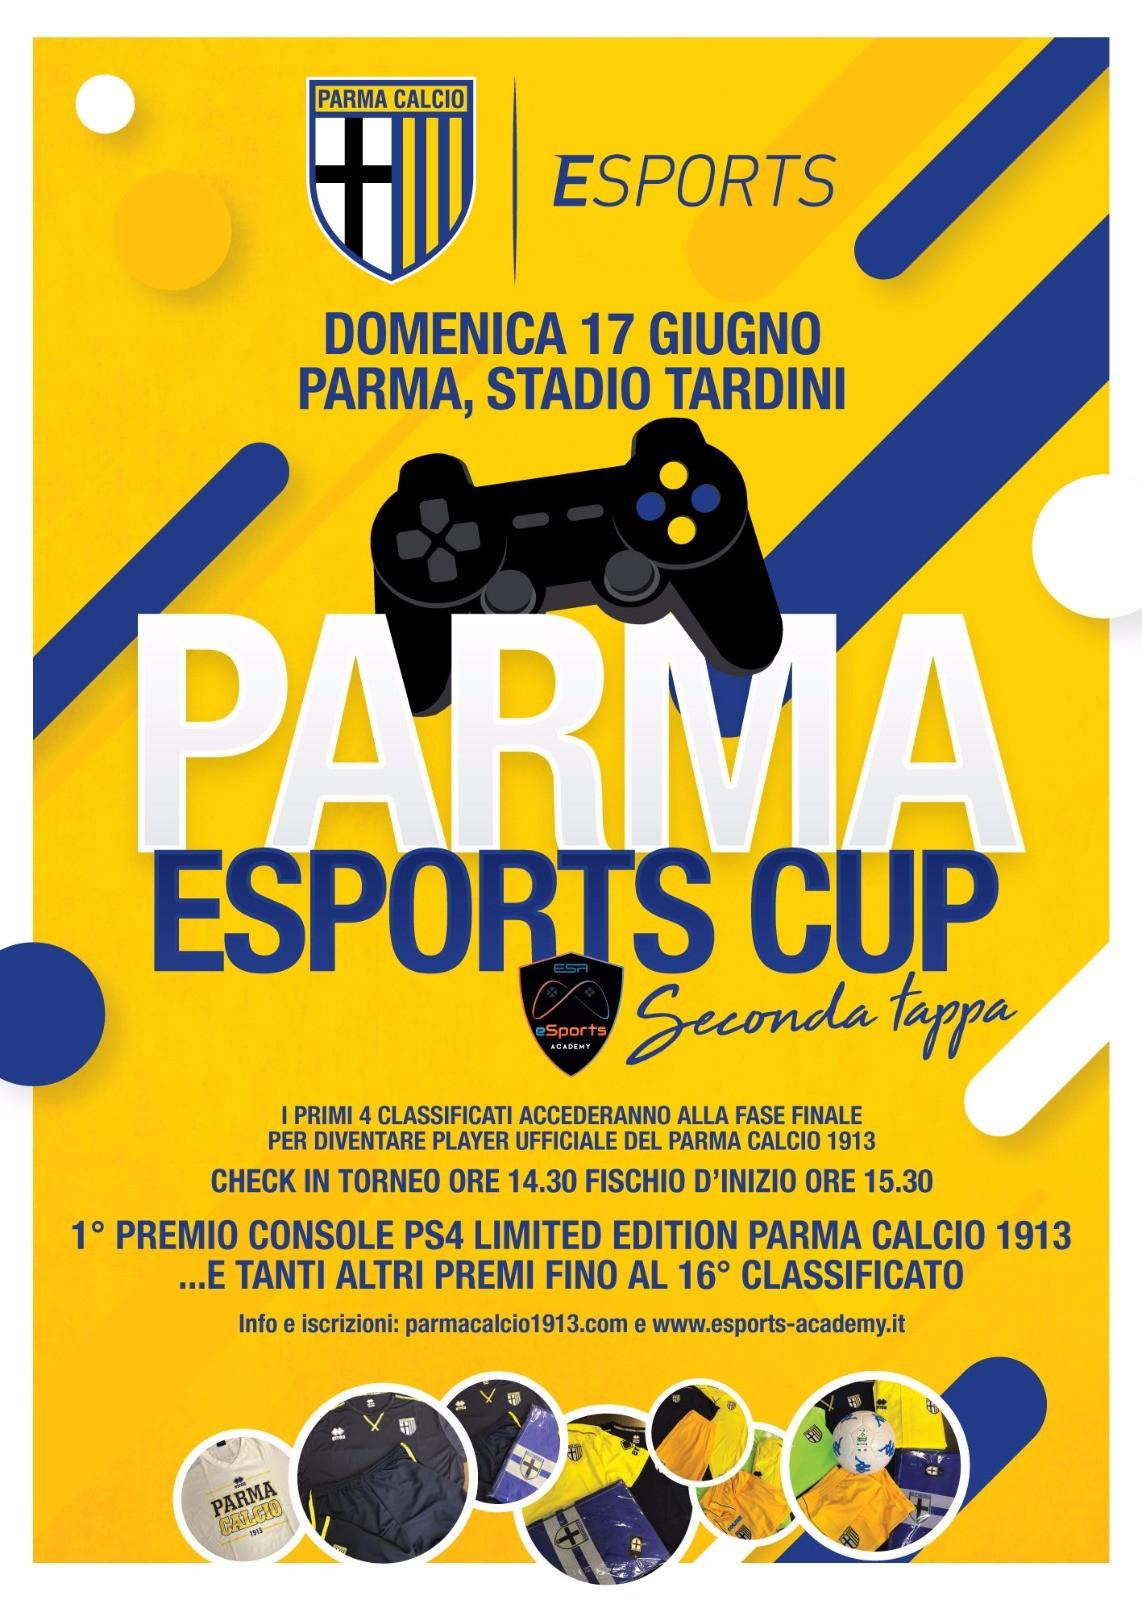 PARMA ESPORTS CUP